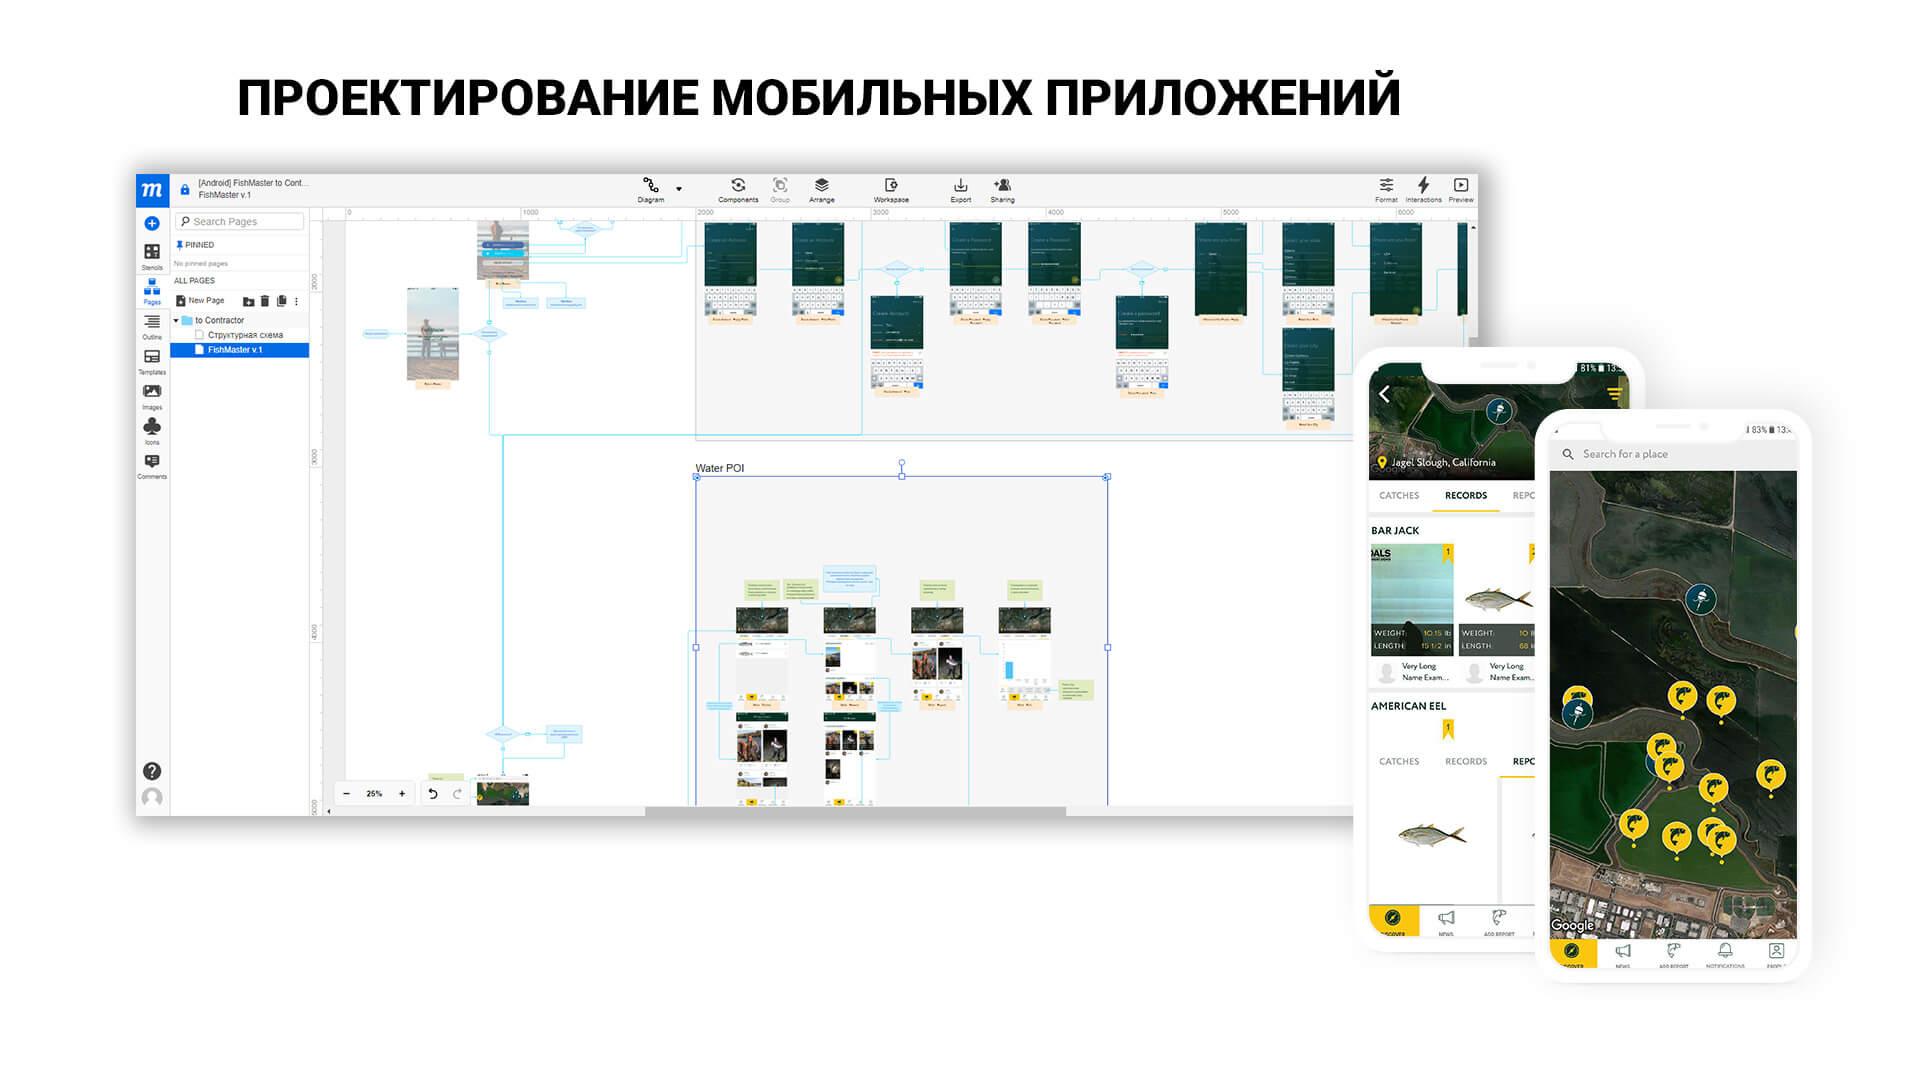 (En) Проектирование мобильных приложений